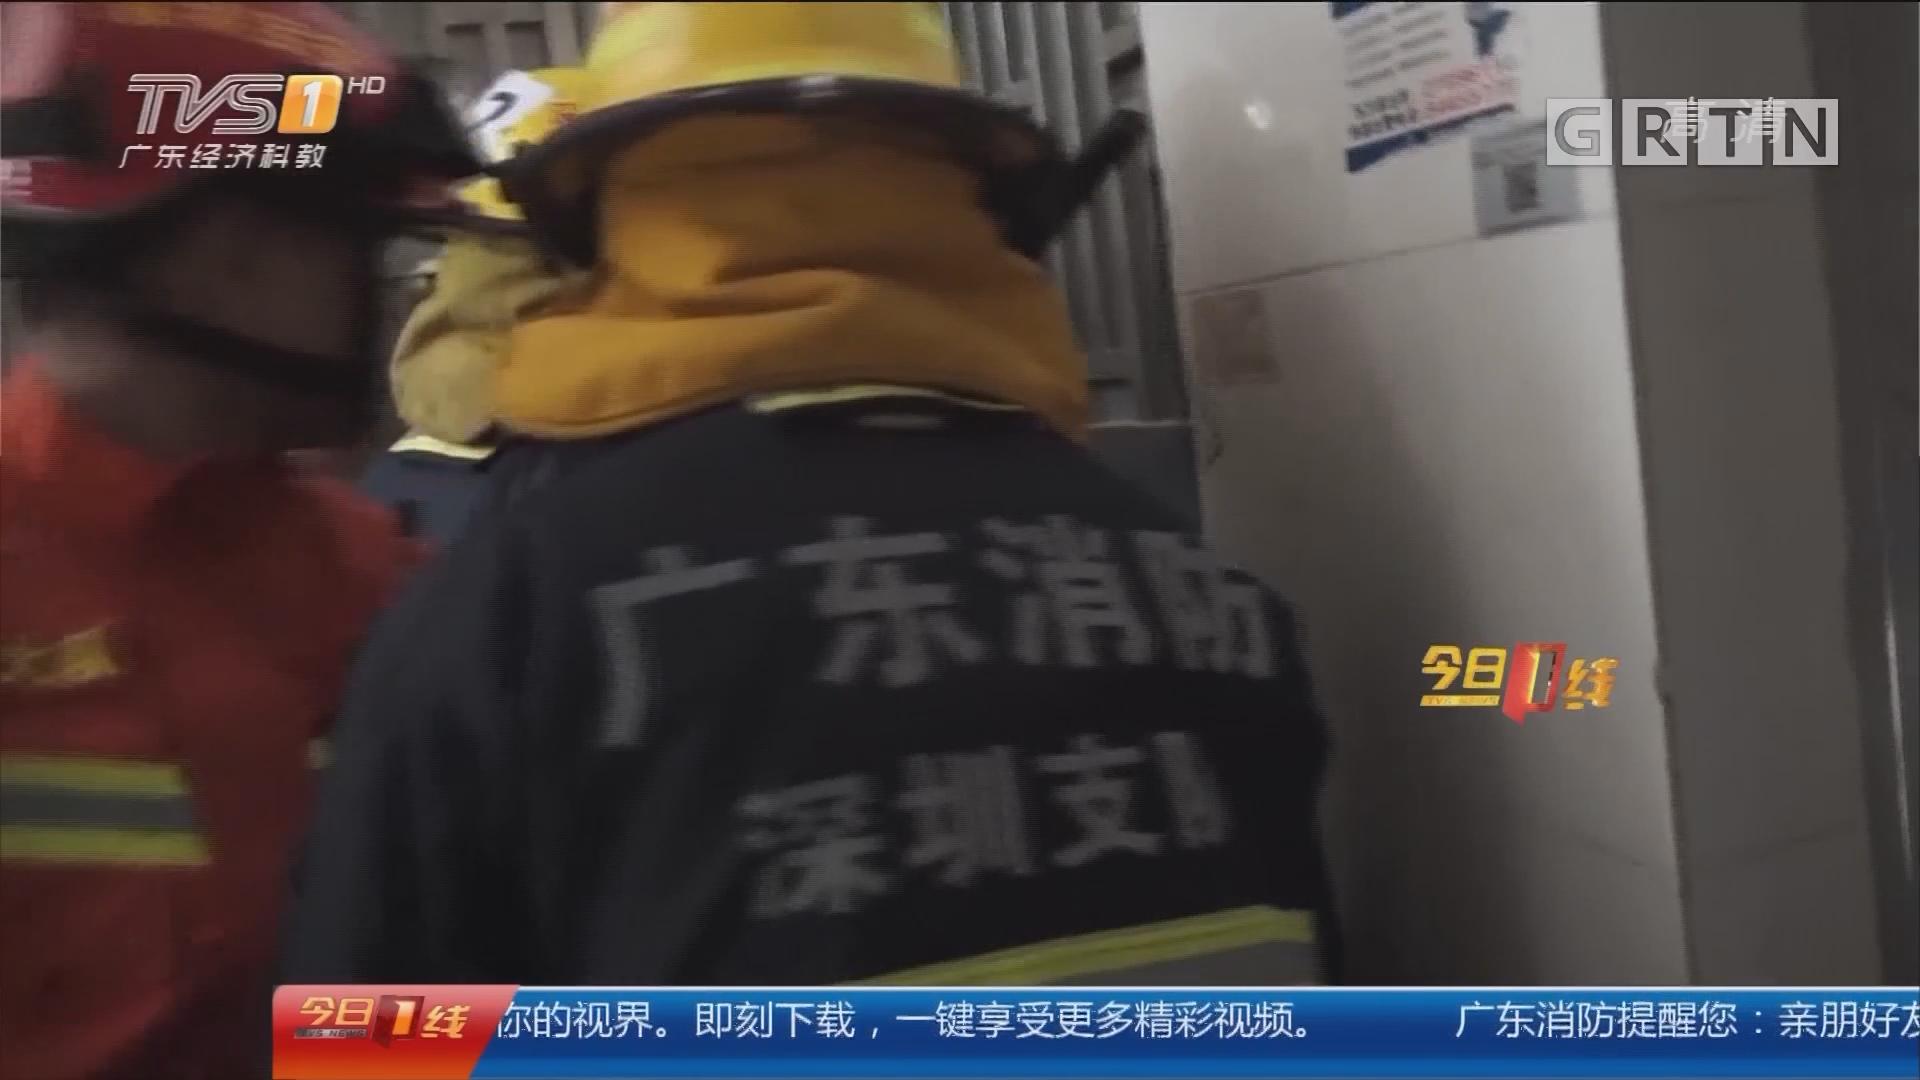 深圳宝安:屋内飘出煤气味 消防到场破门救援